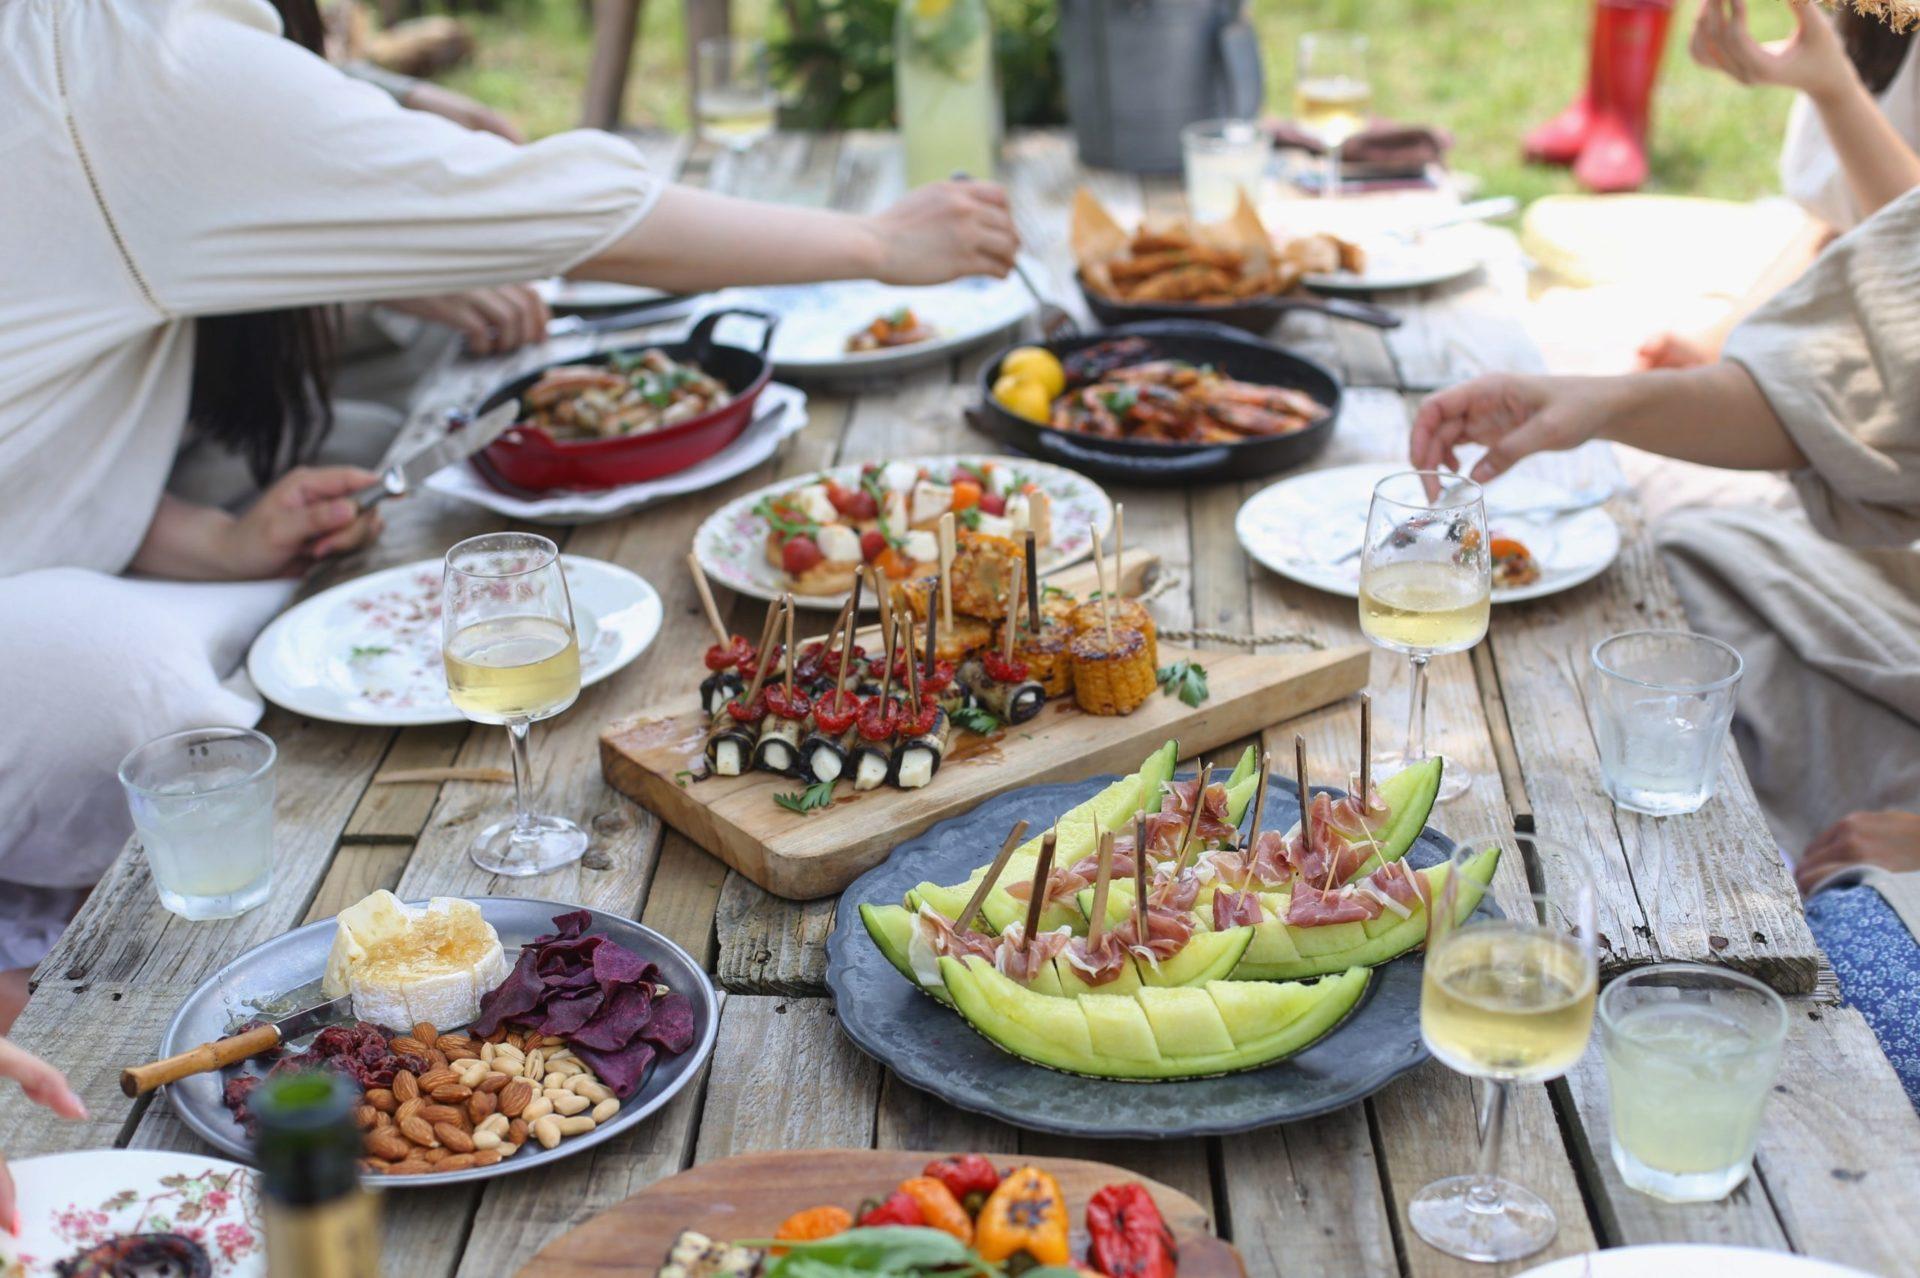 ワイン好きの人と知り合える場所やイベント